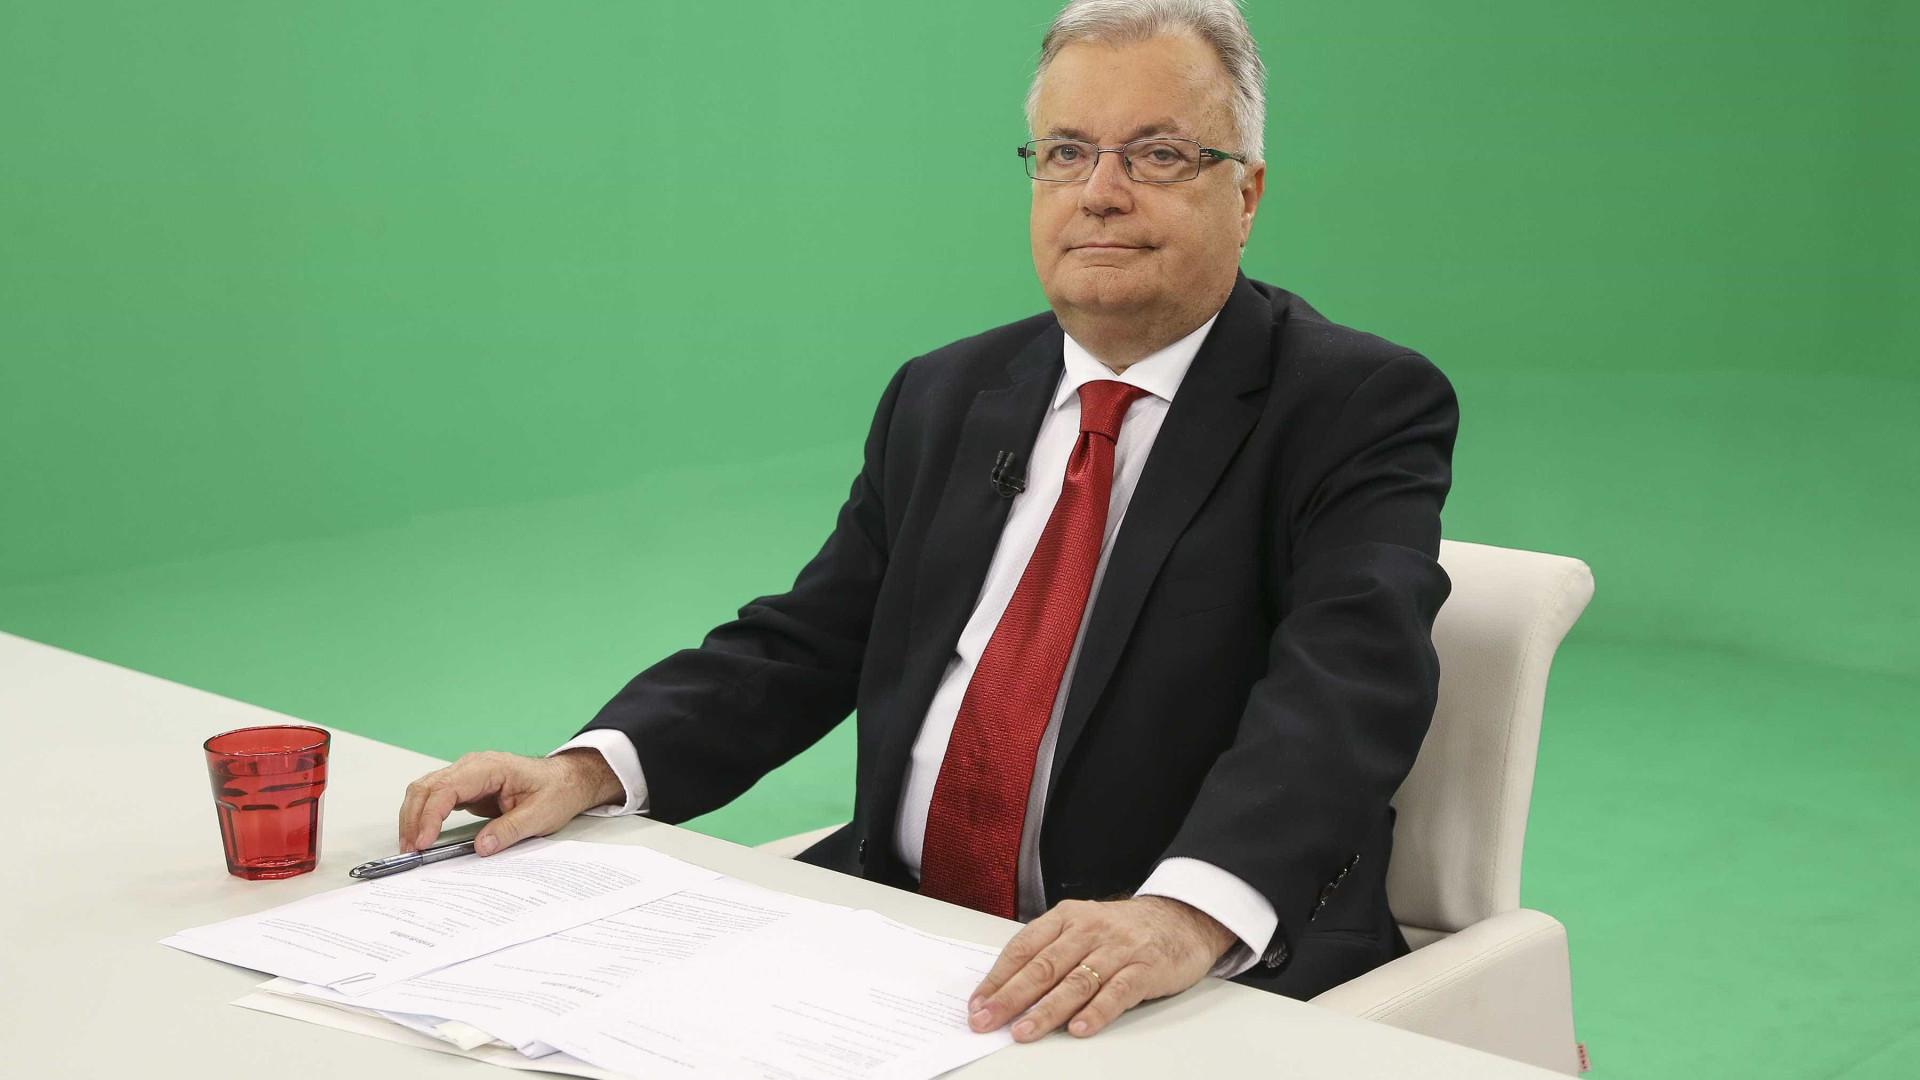 Ministro aplaude distinção de 'Bonecos de Estremoz' e deixa compromisso